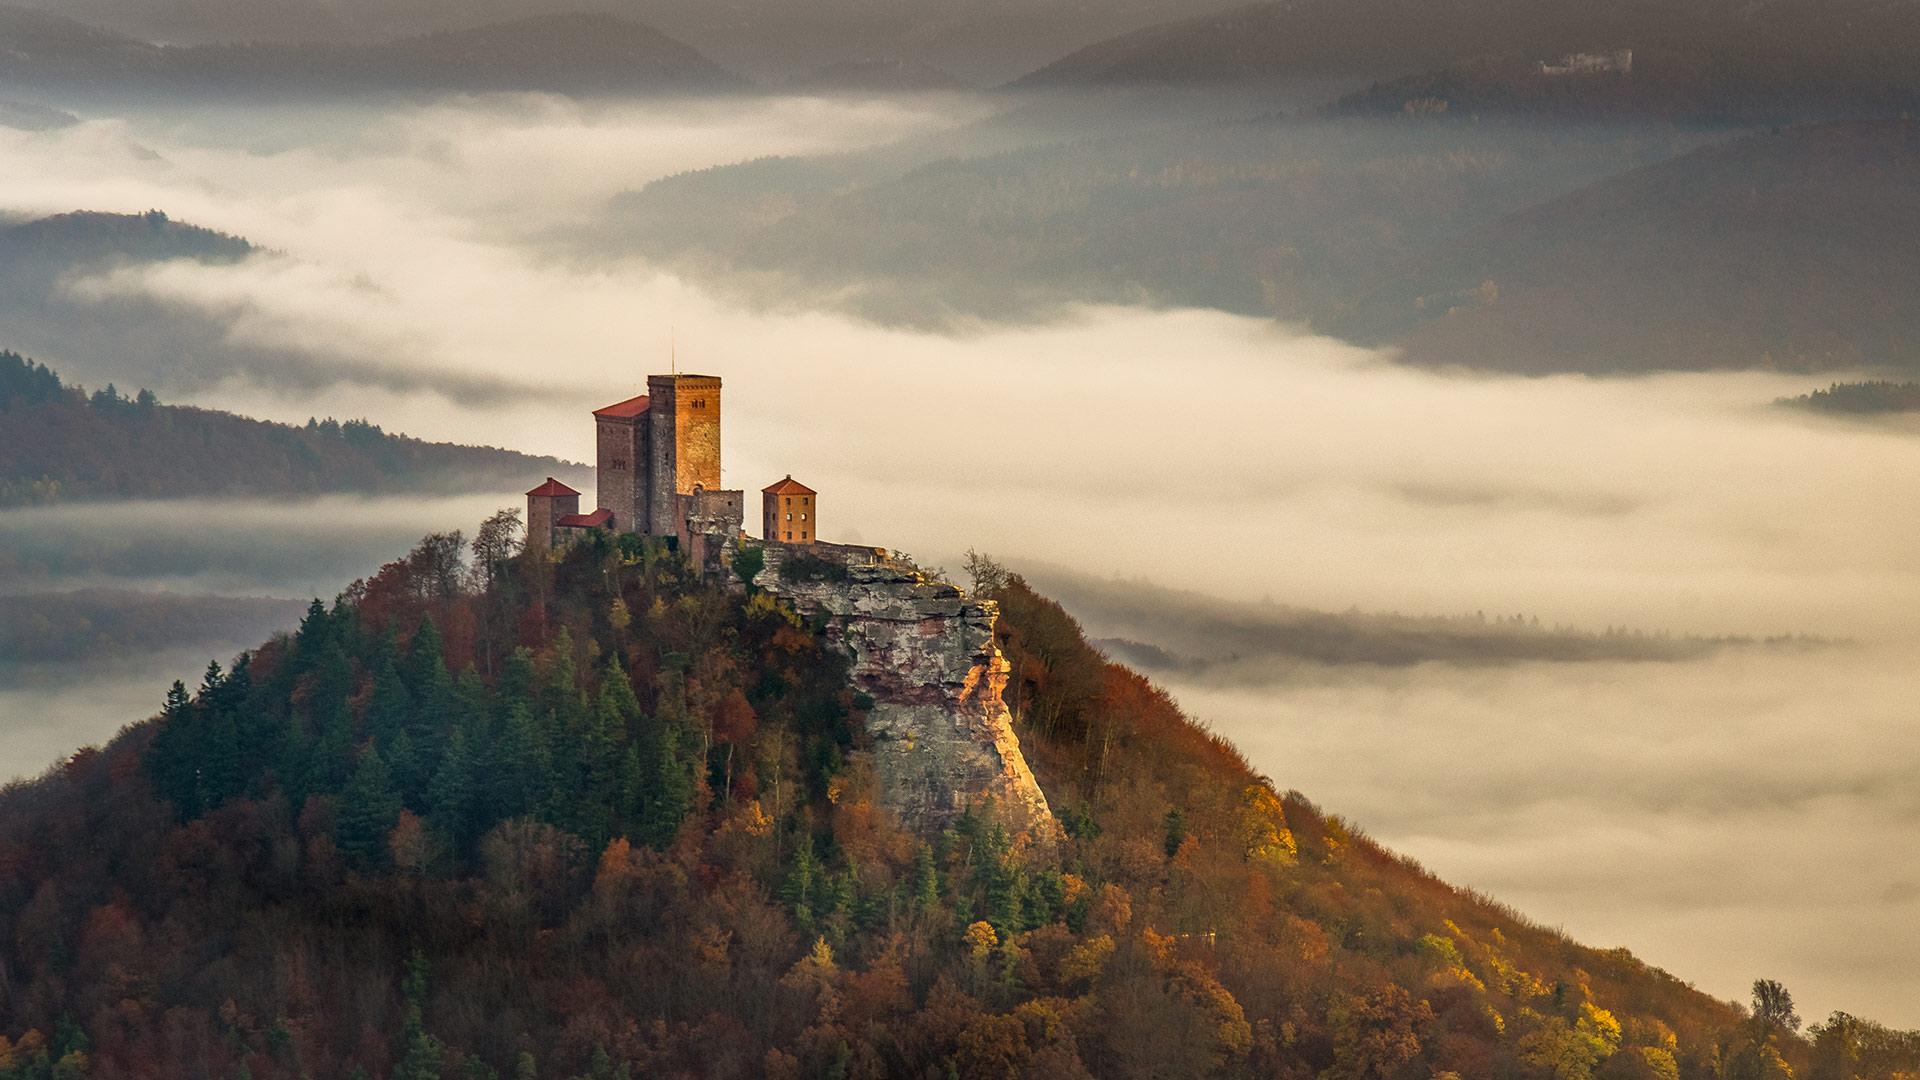 秋日雾中清晨里的特里斐斯城堡特里斐斯城堡